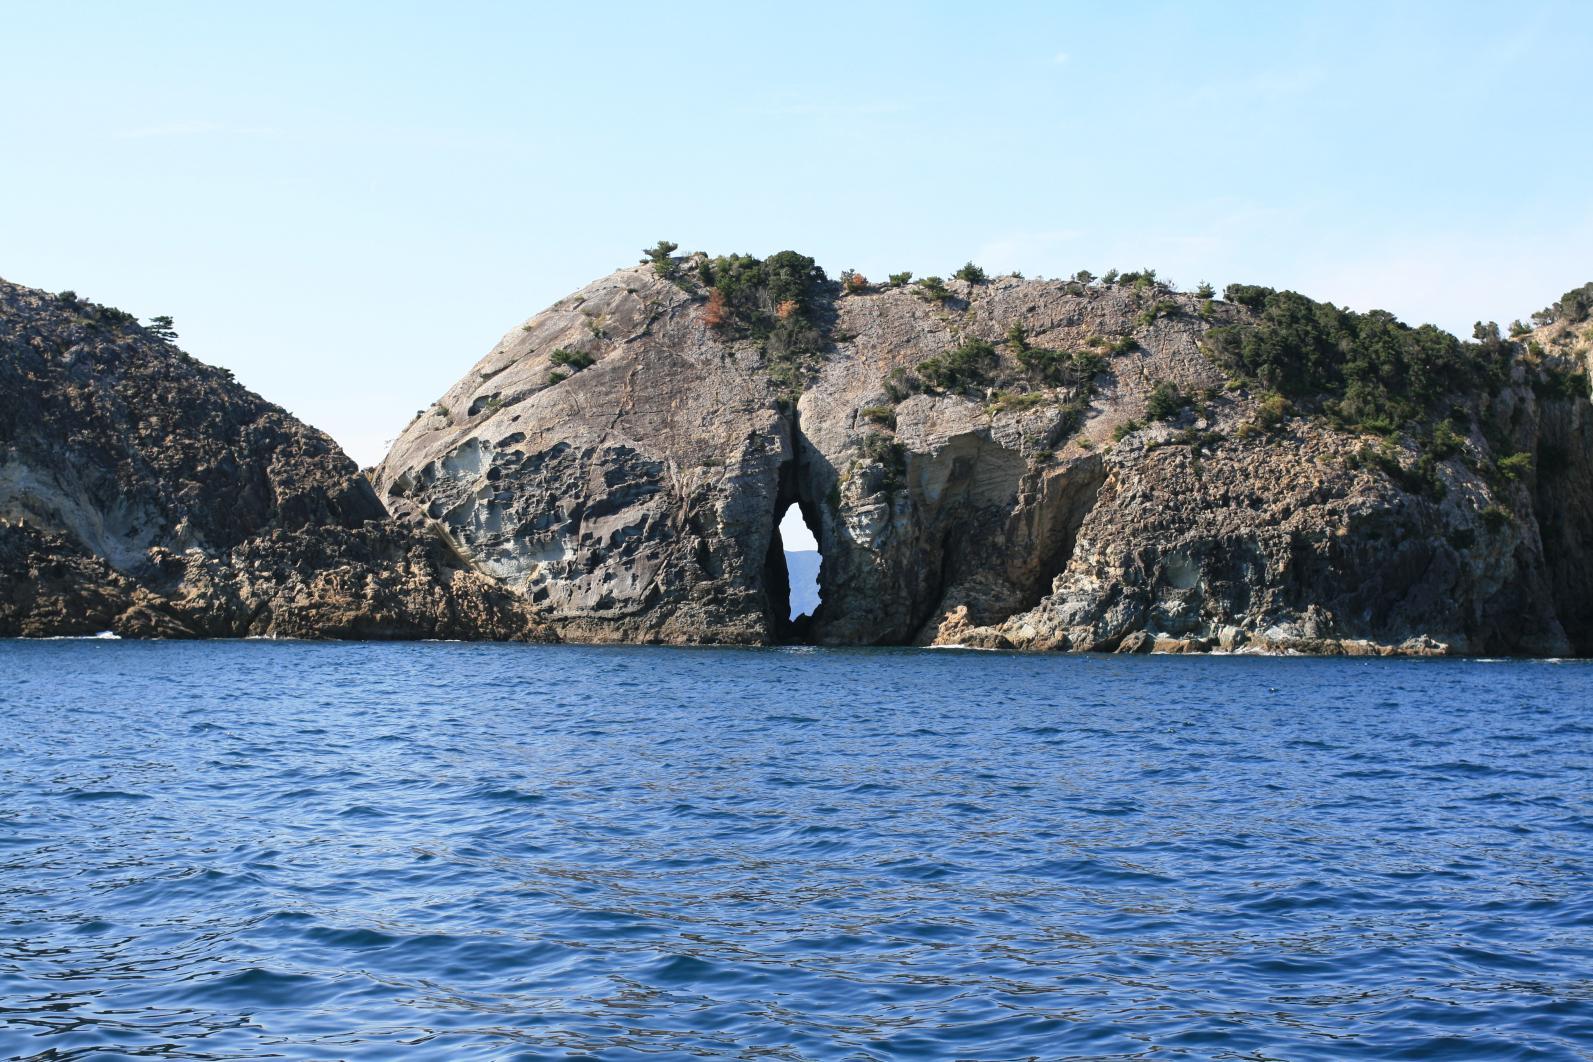 海からしか味わえない上五島の大自然と文化を、クルージングで堪能-3